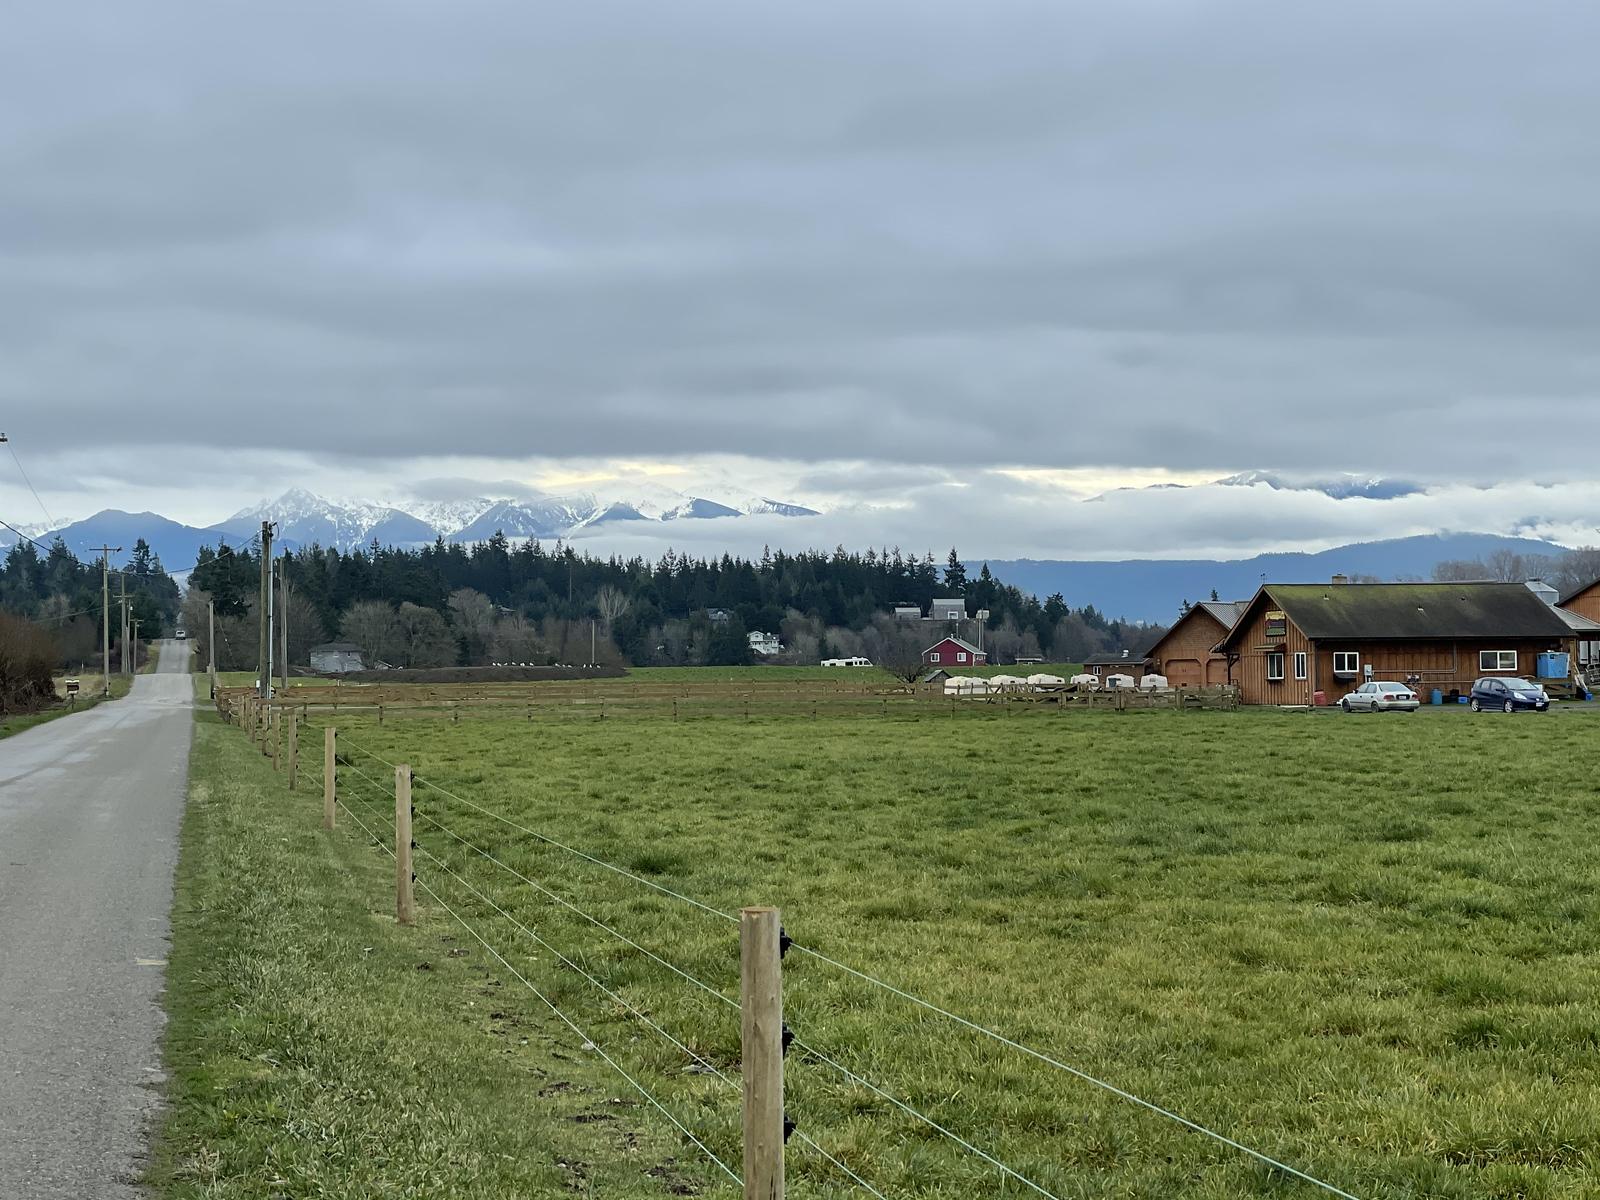 Mountains & farms